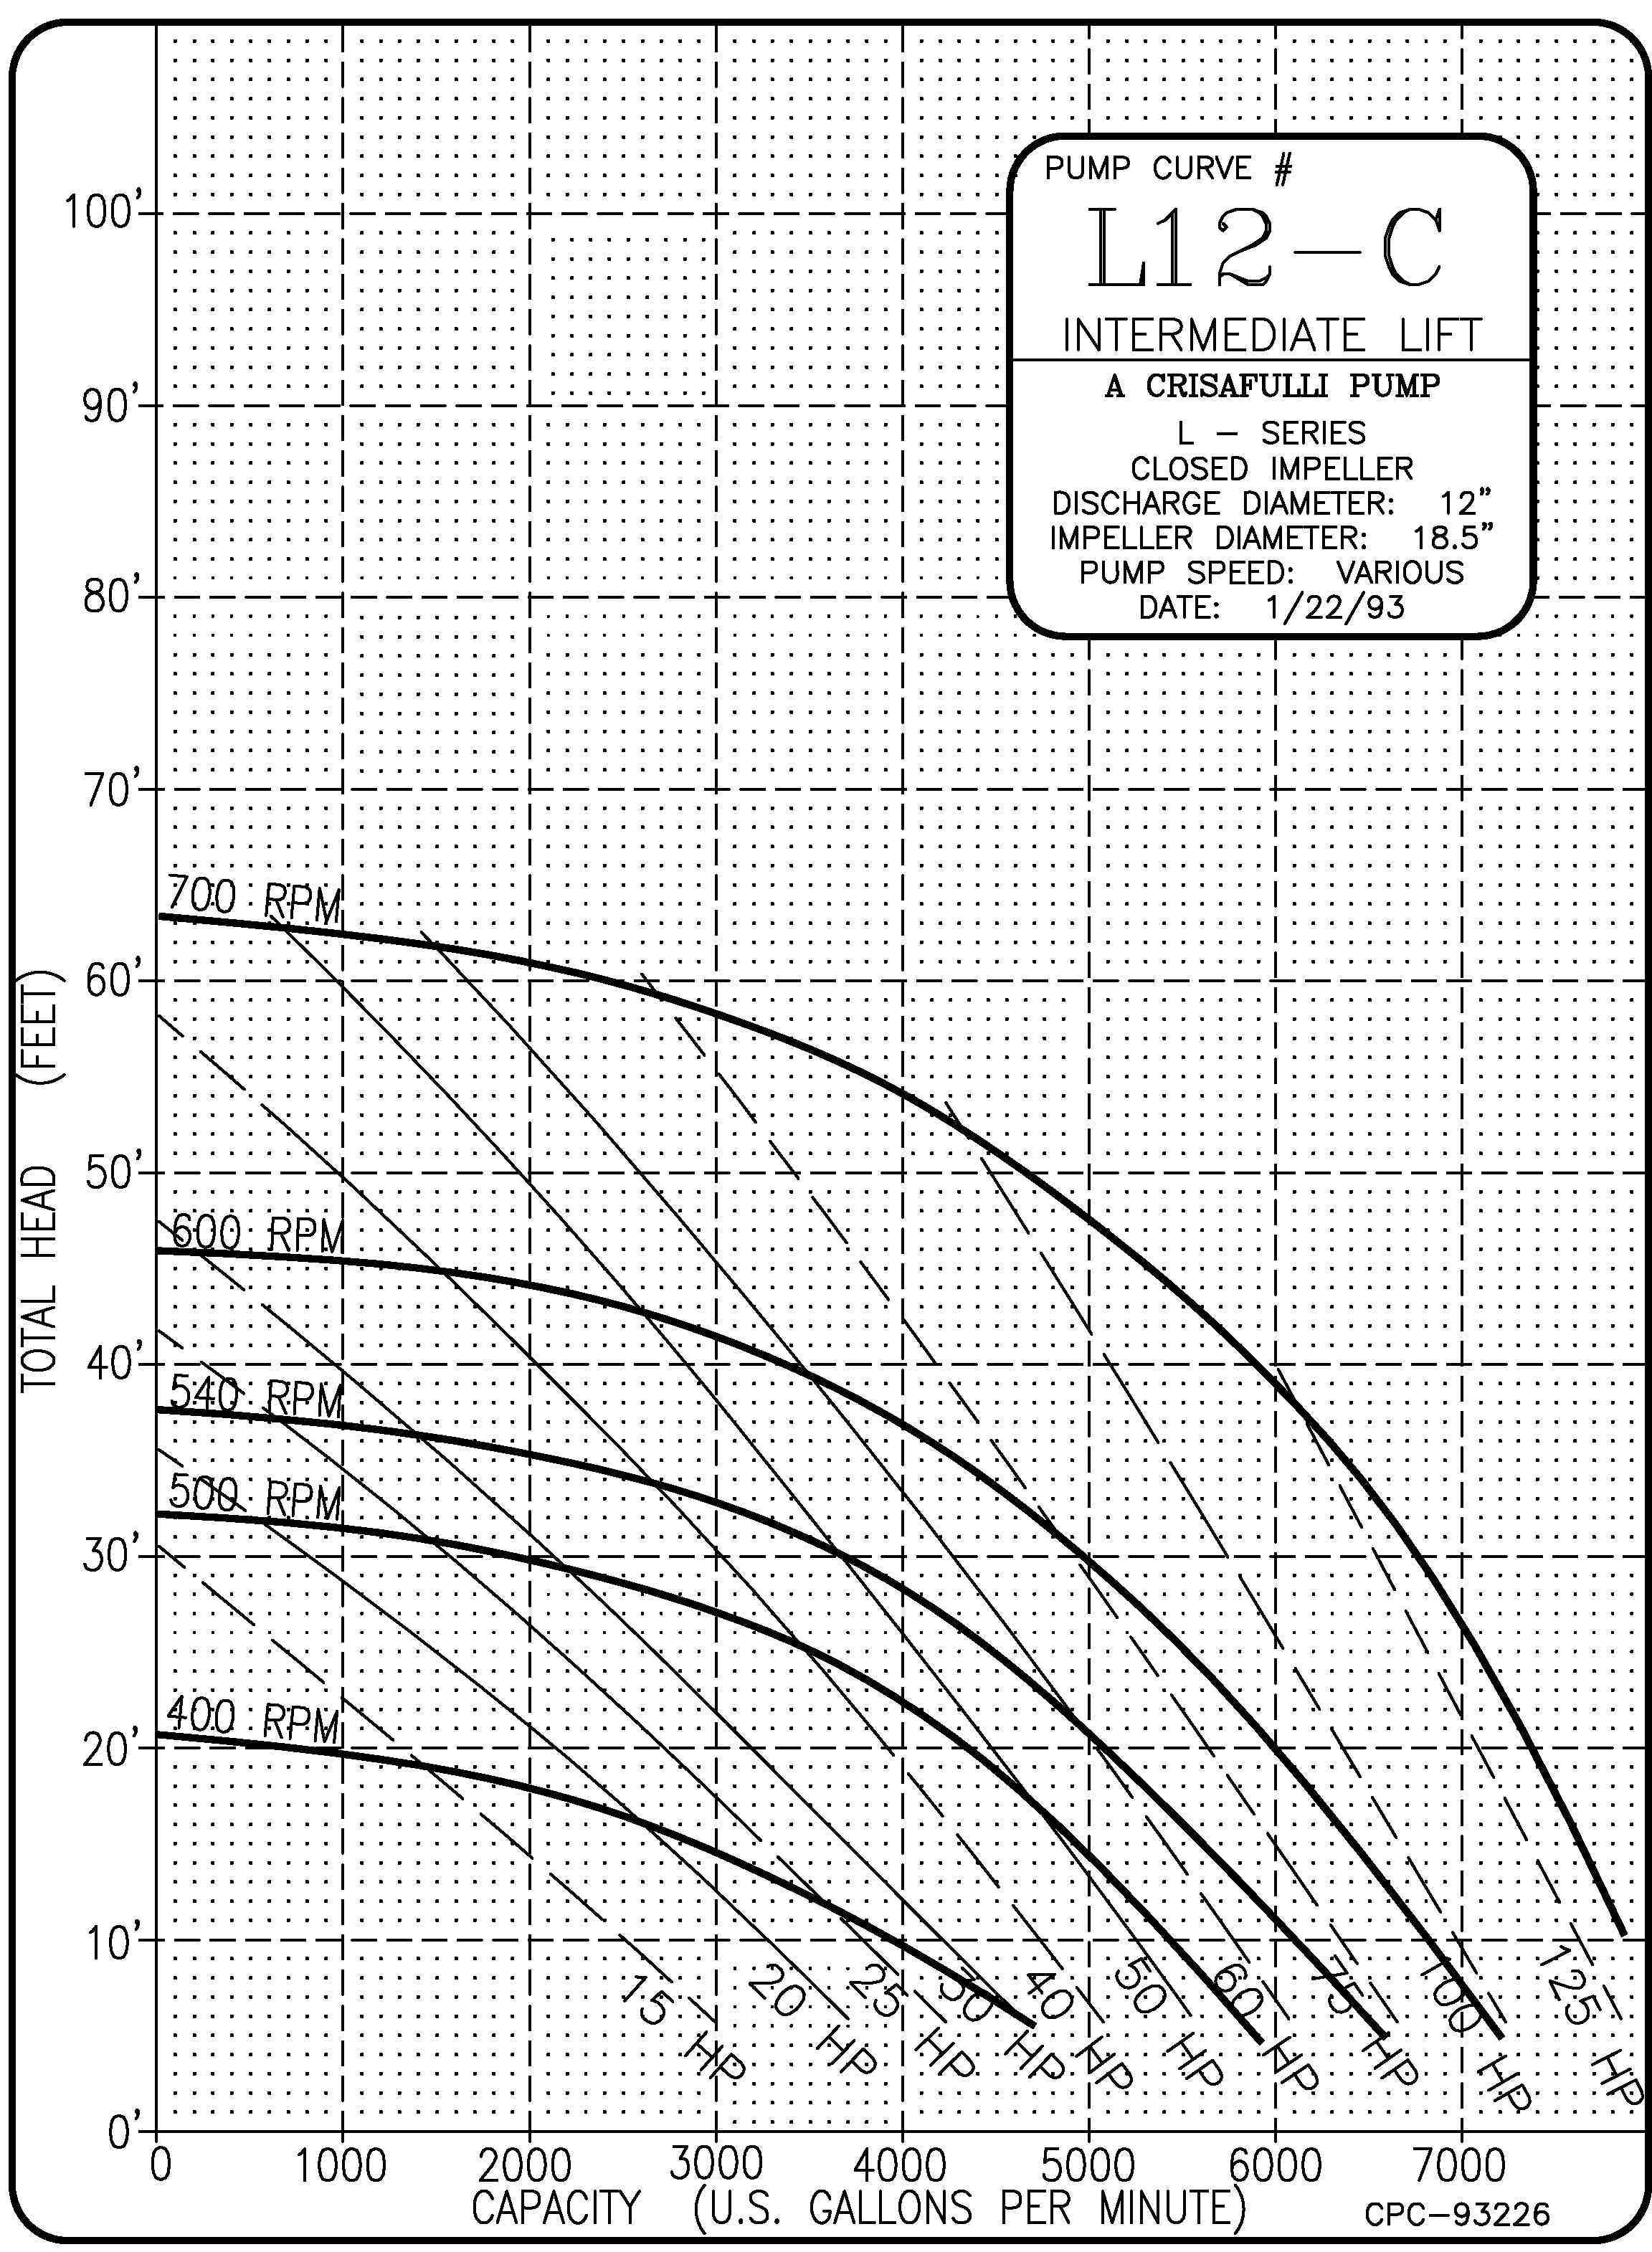 12in Intermediate Lift Curve